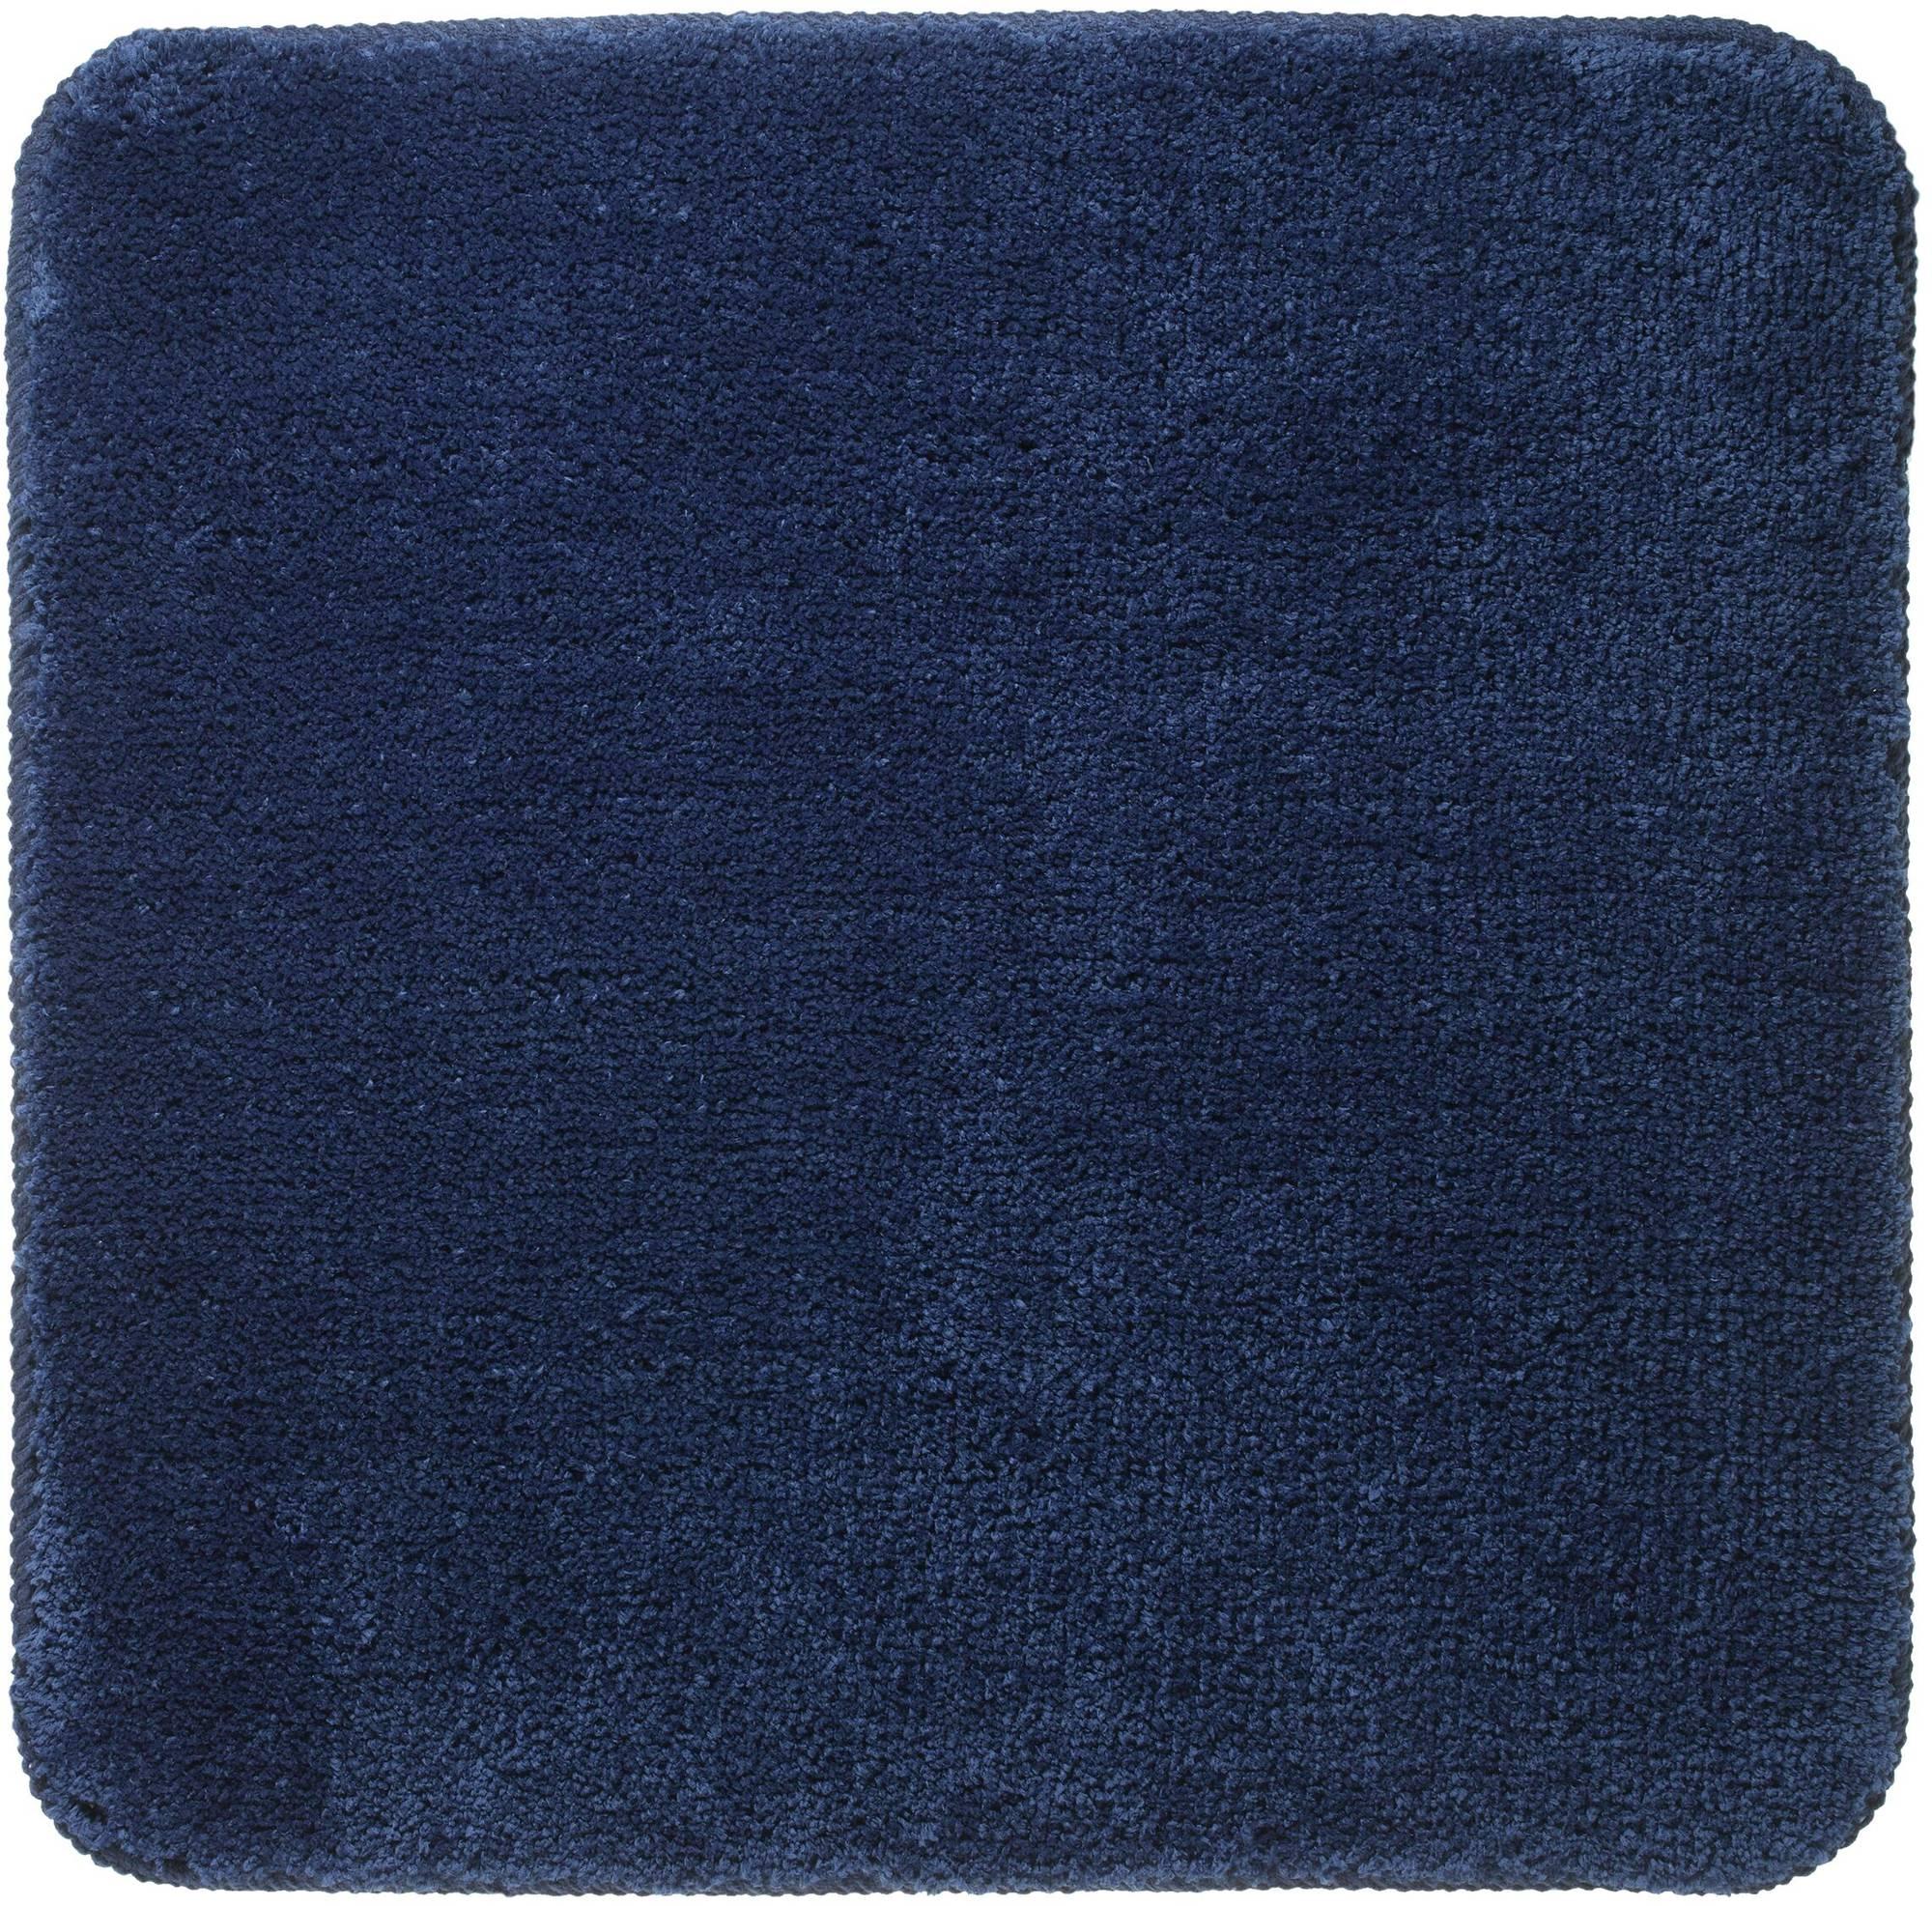 Sealskin Angora Bidetmat Blauw